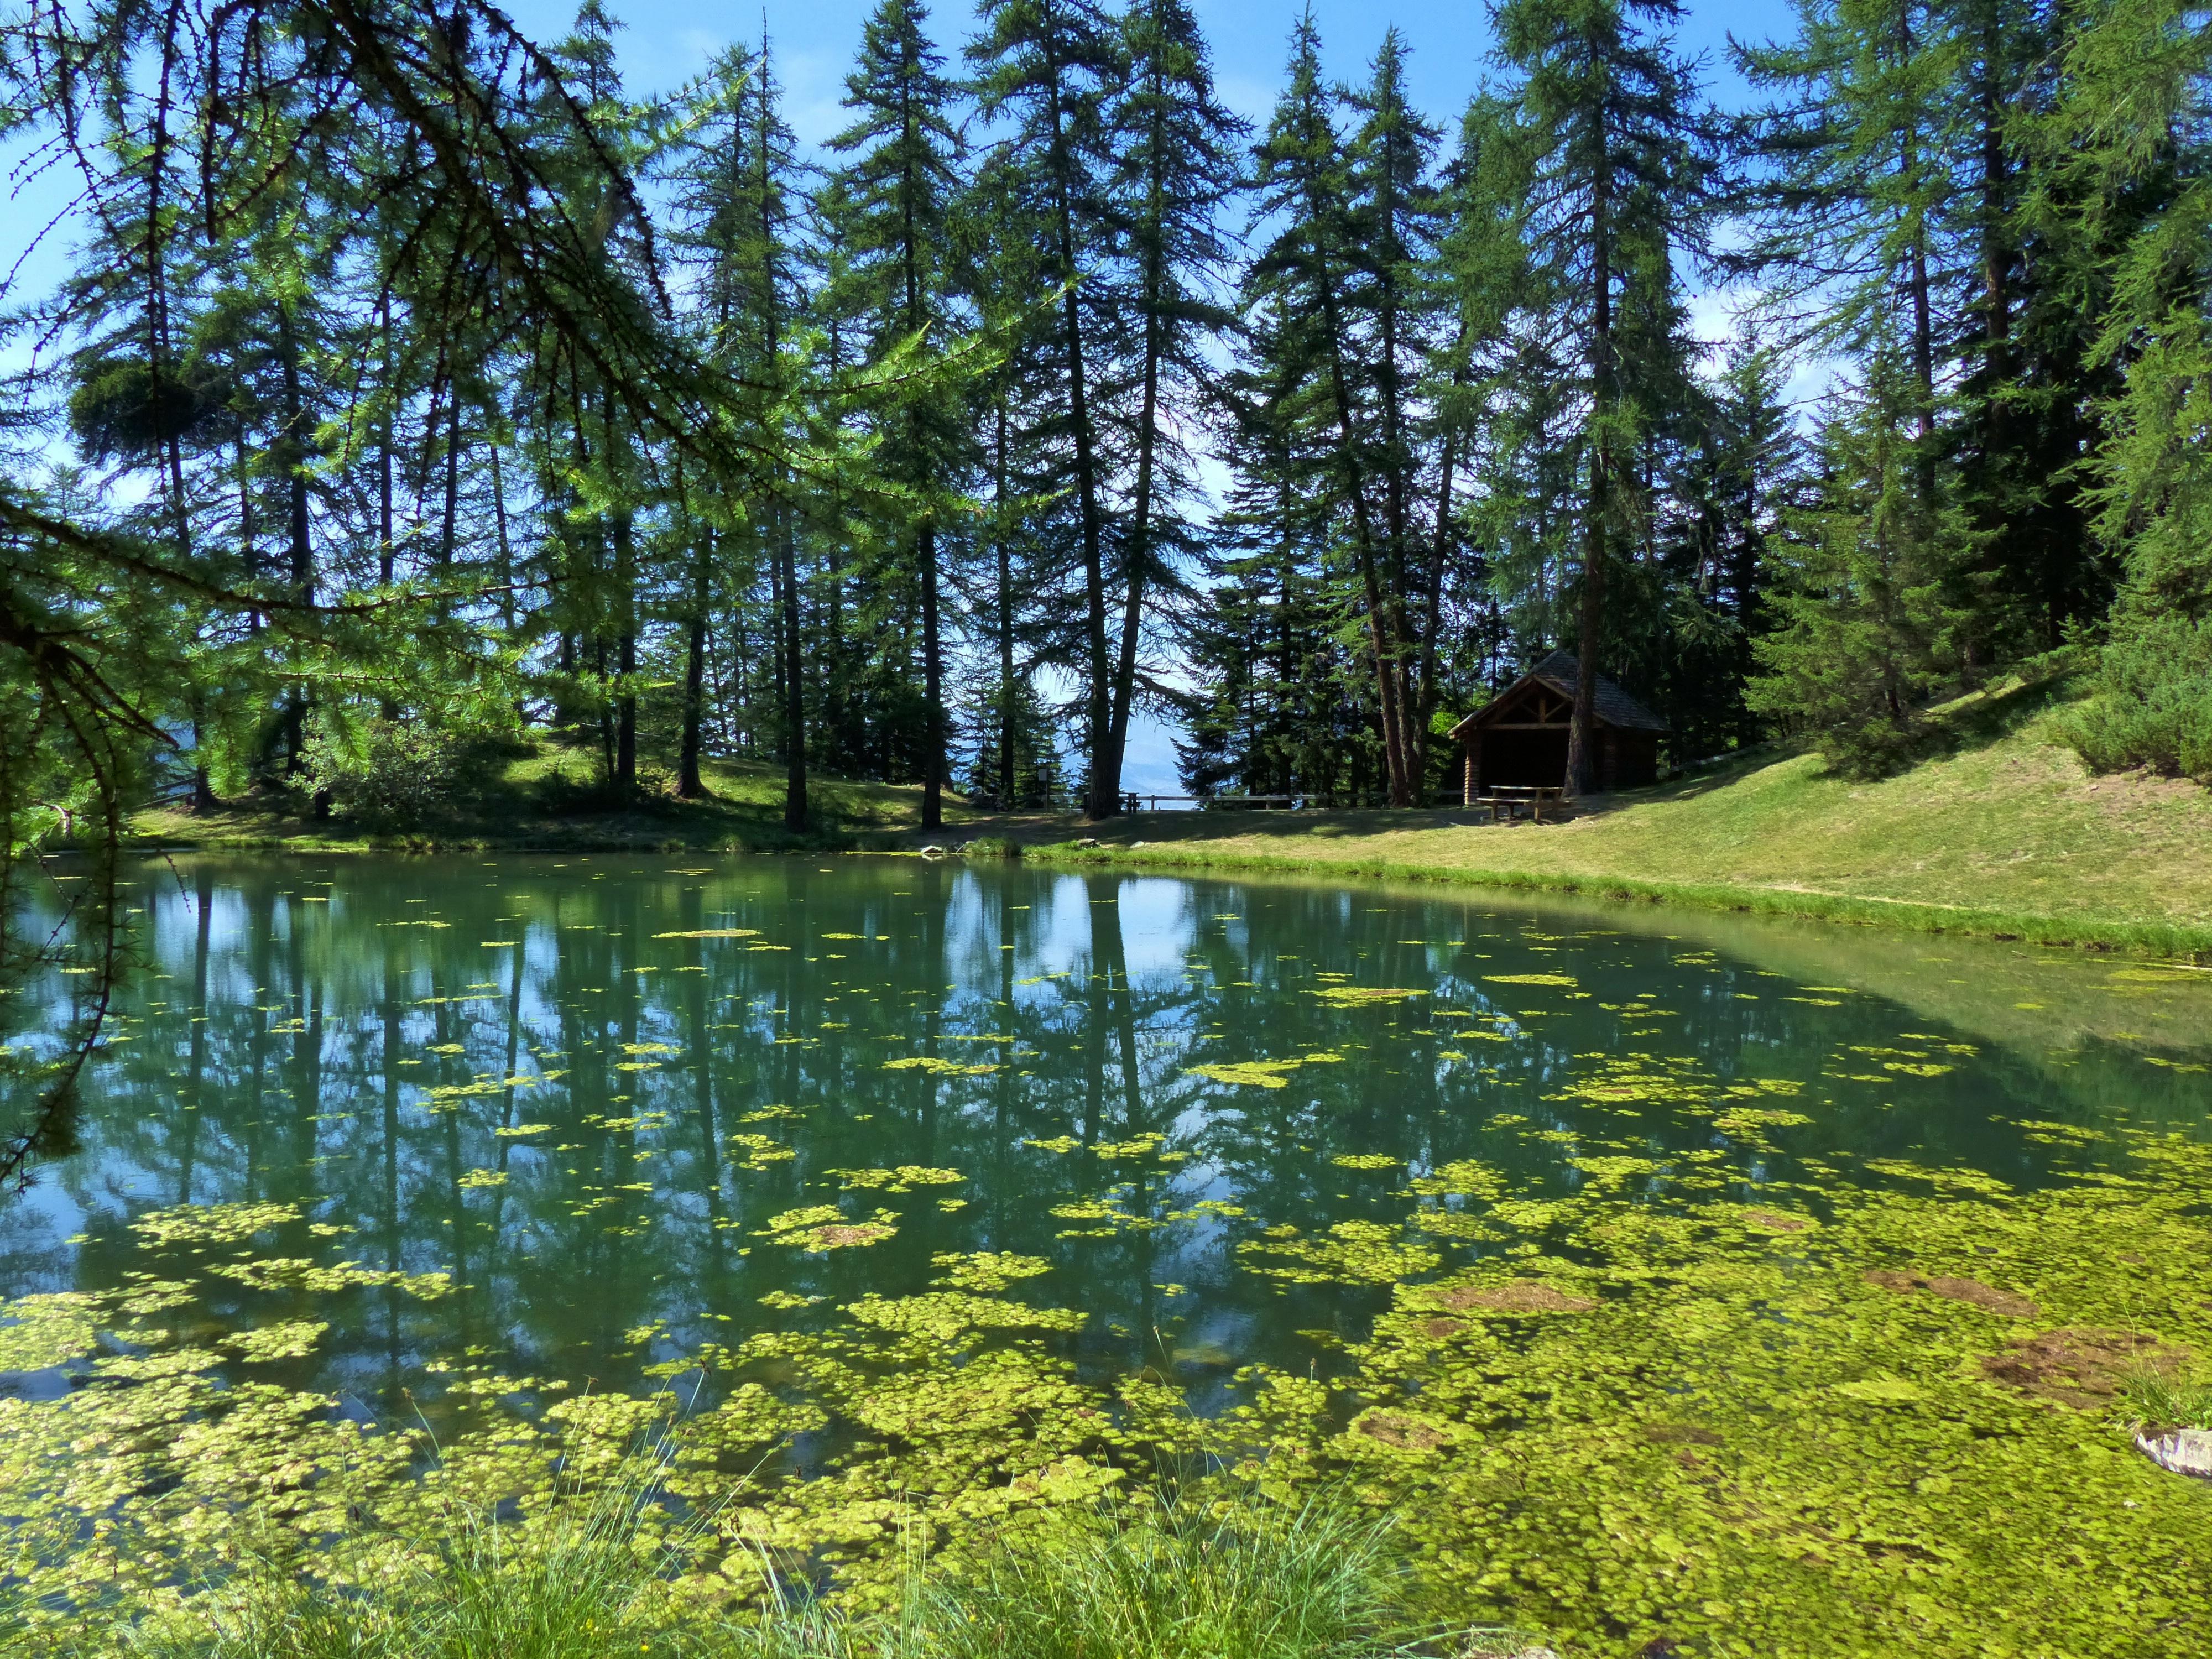 пишут, что красивые картинки с лесом и водой настоящие фото правильно